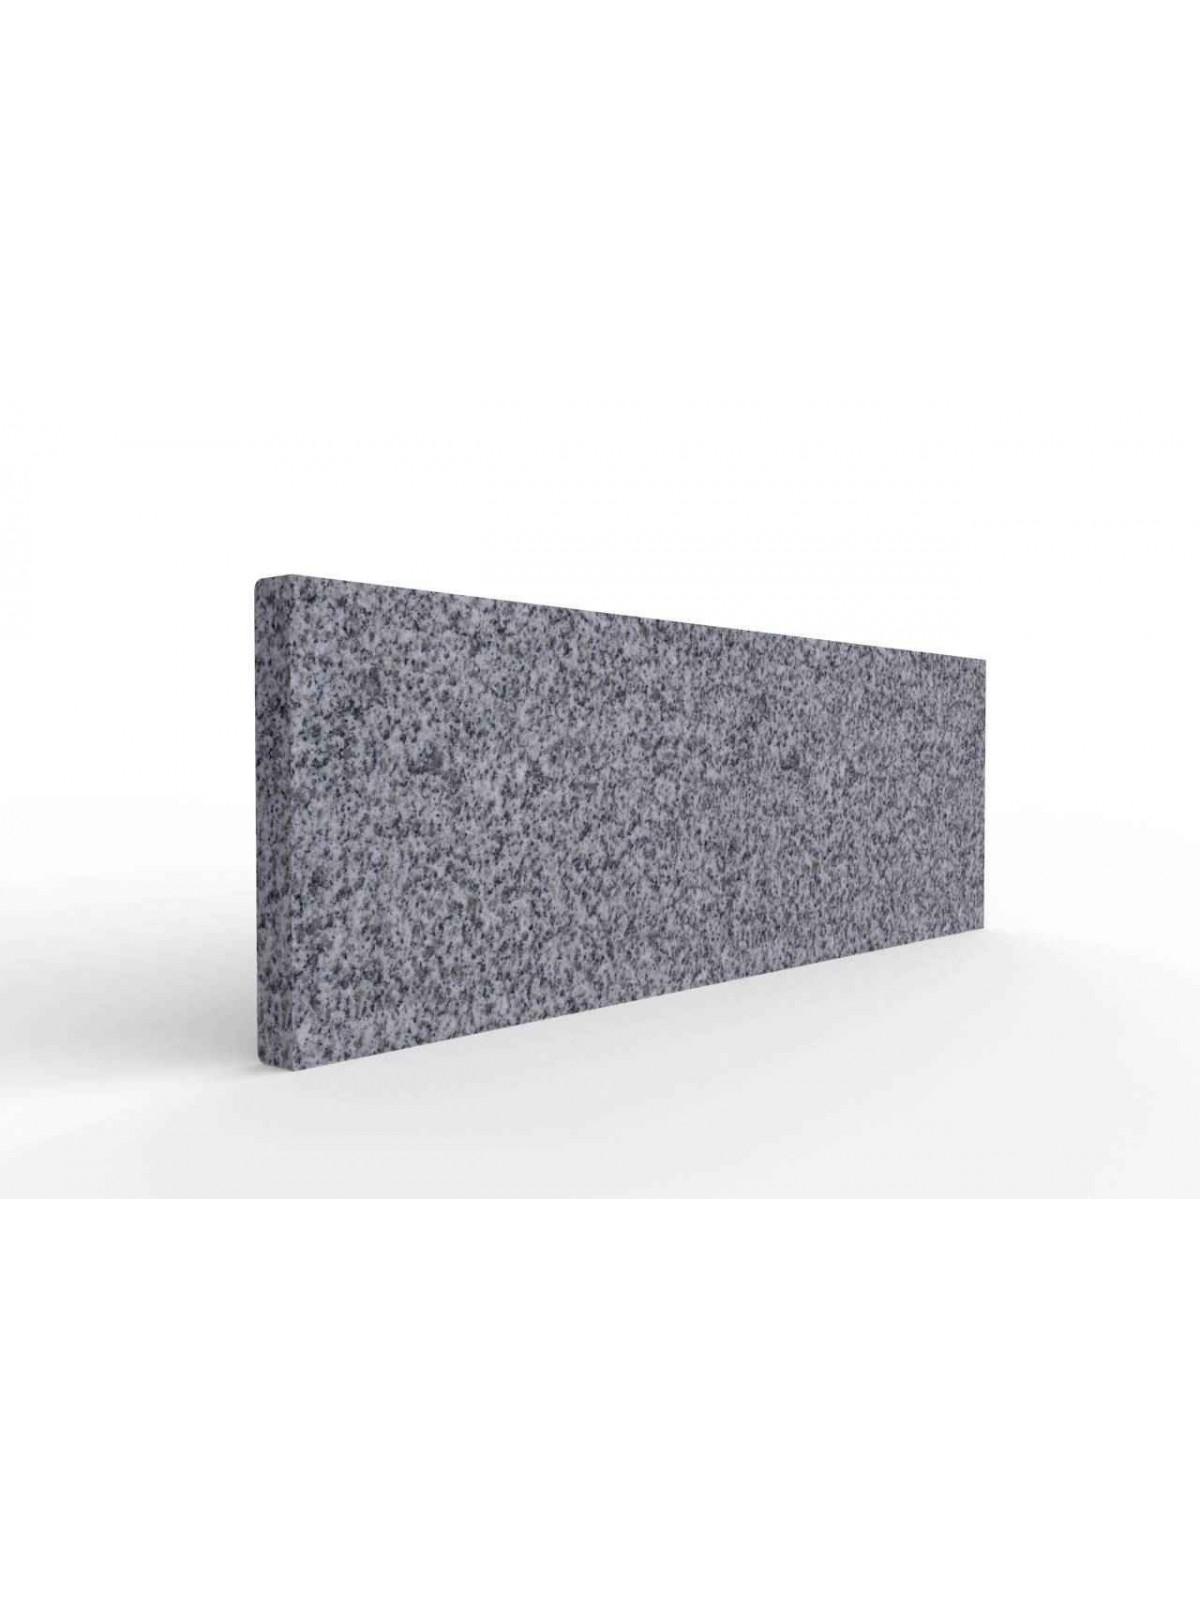 Zoccolino 8x1 in diorite scura